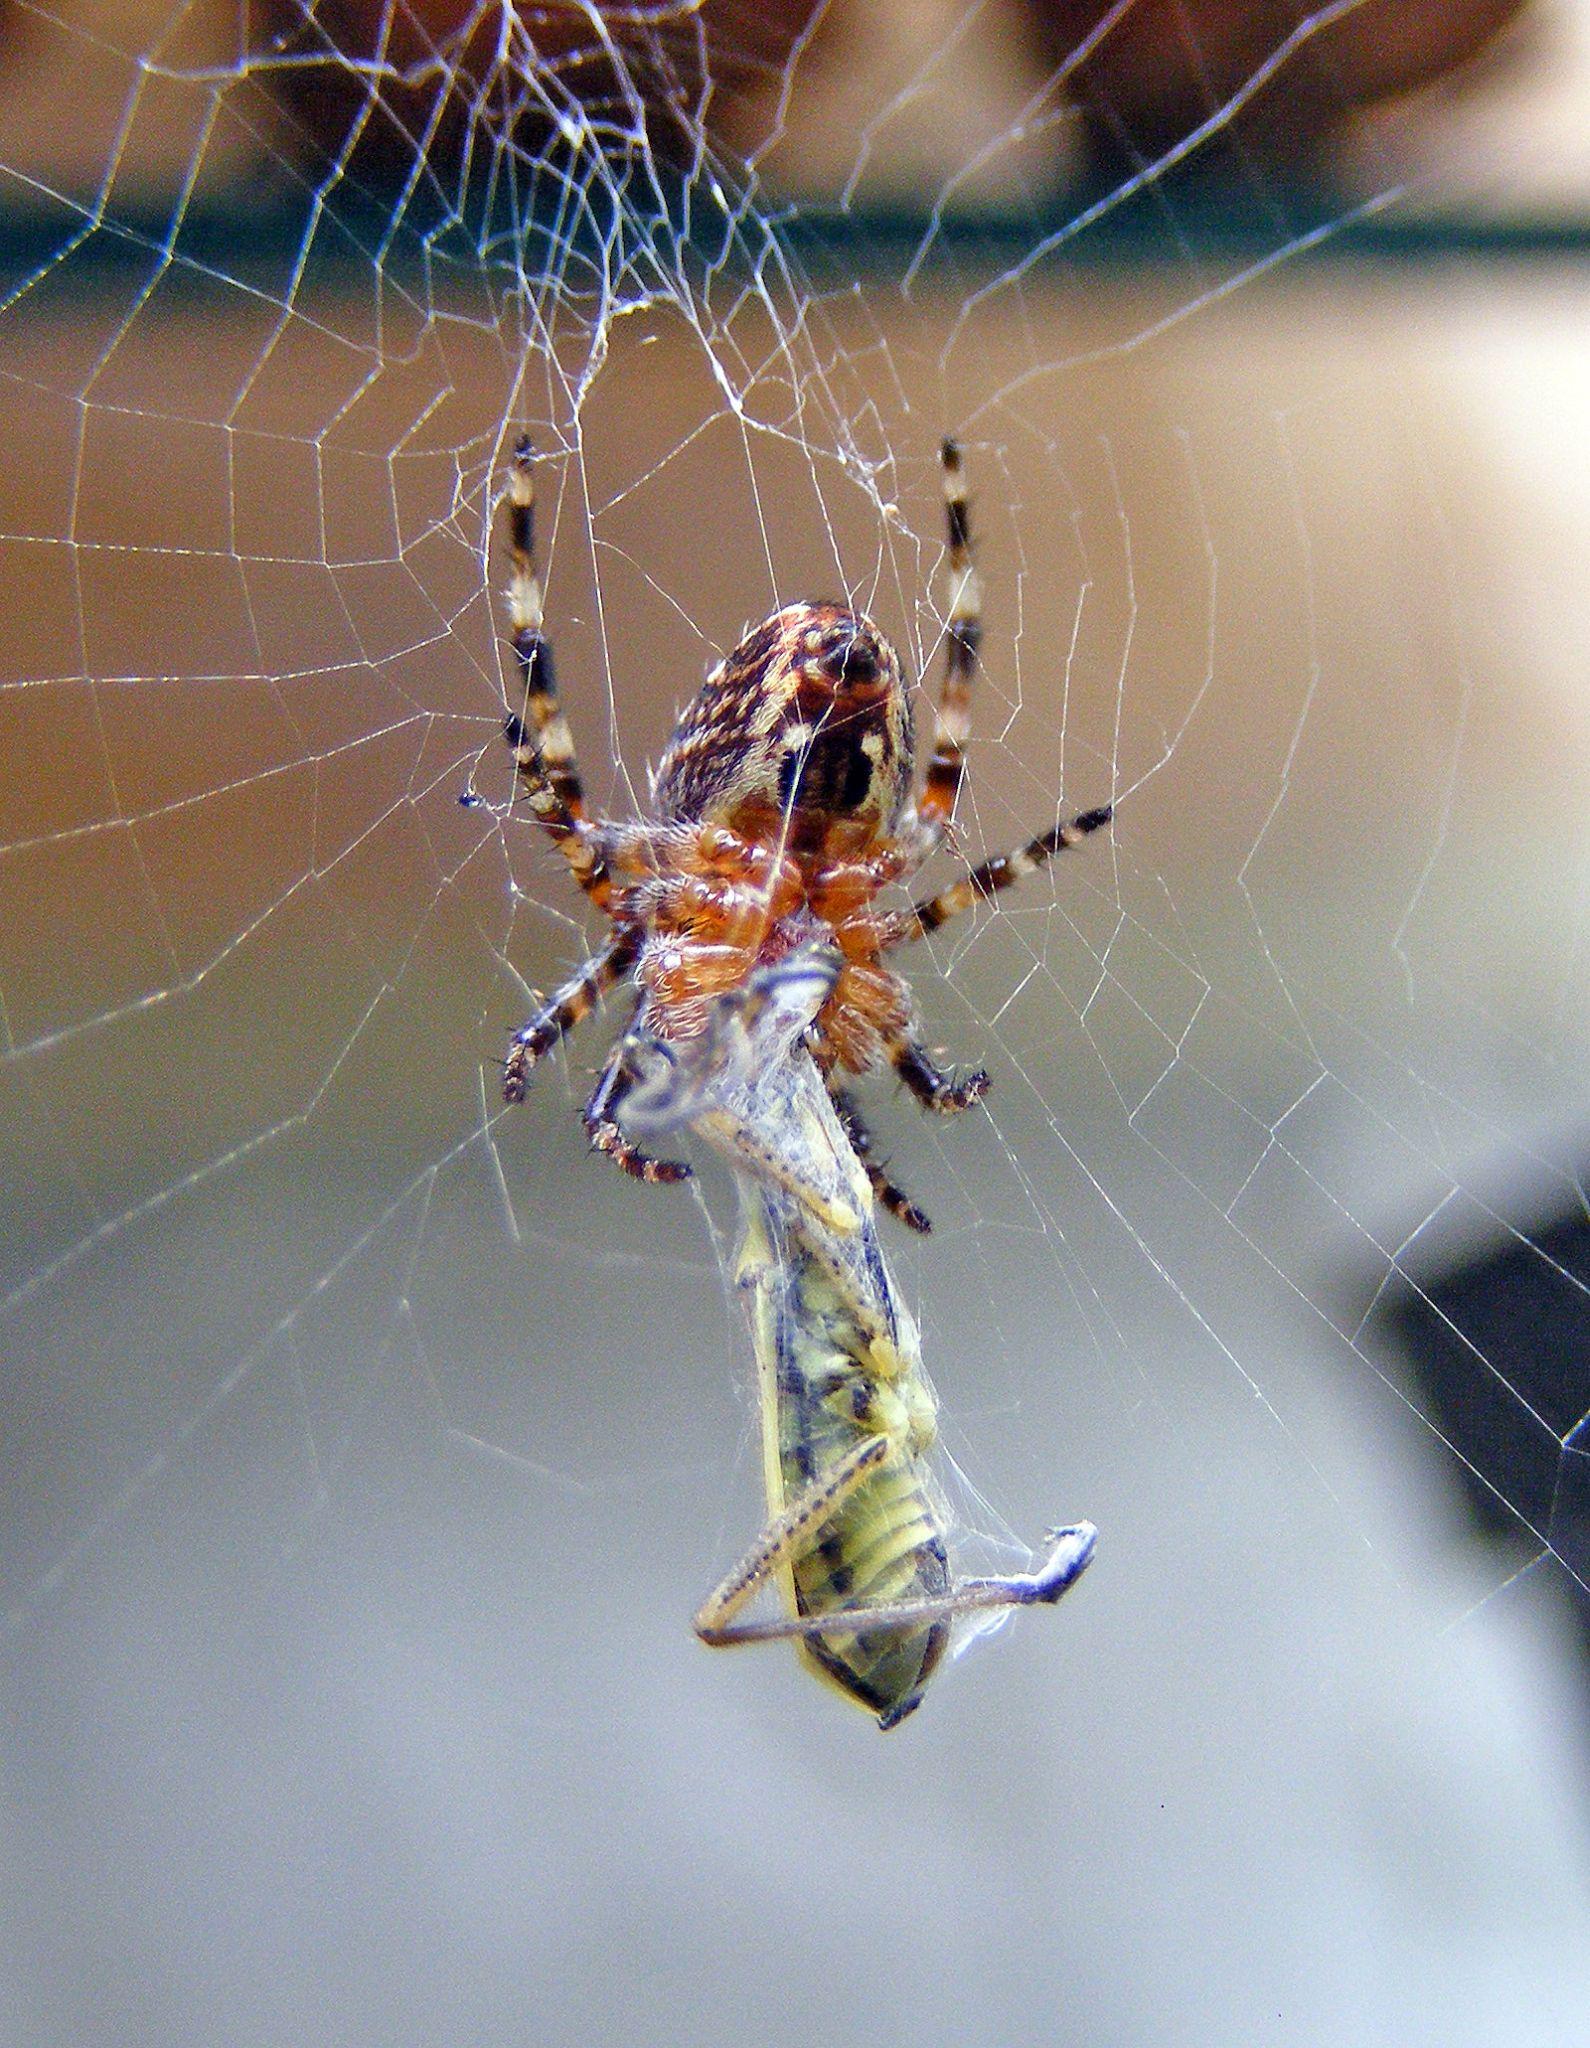 Garden Spider Feeding by petekphotography